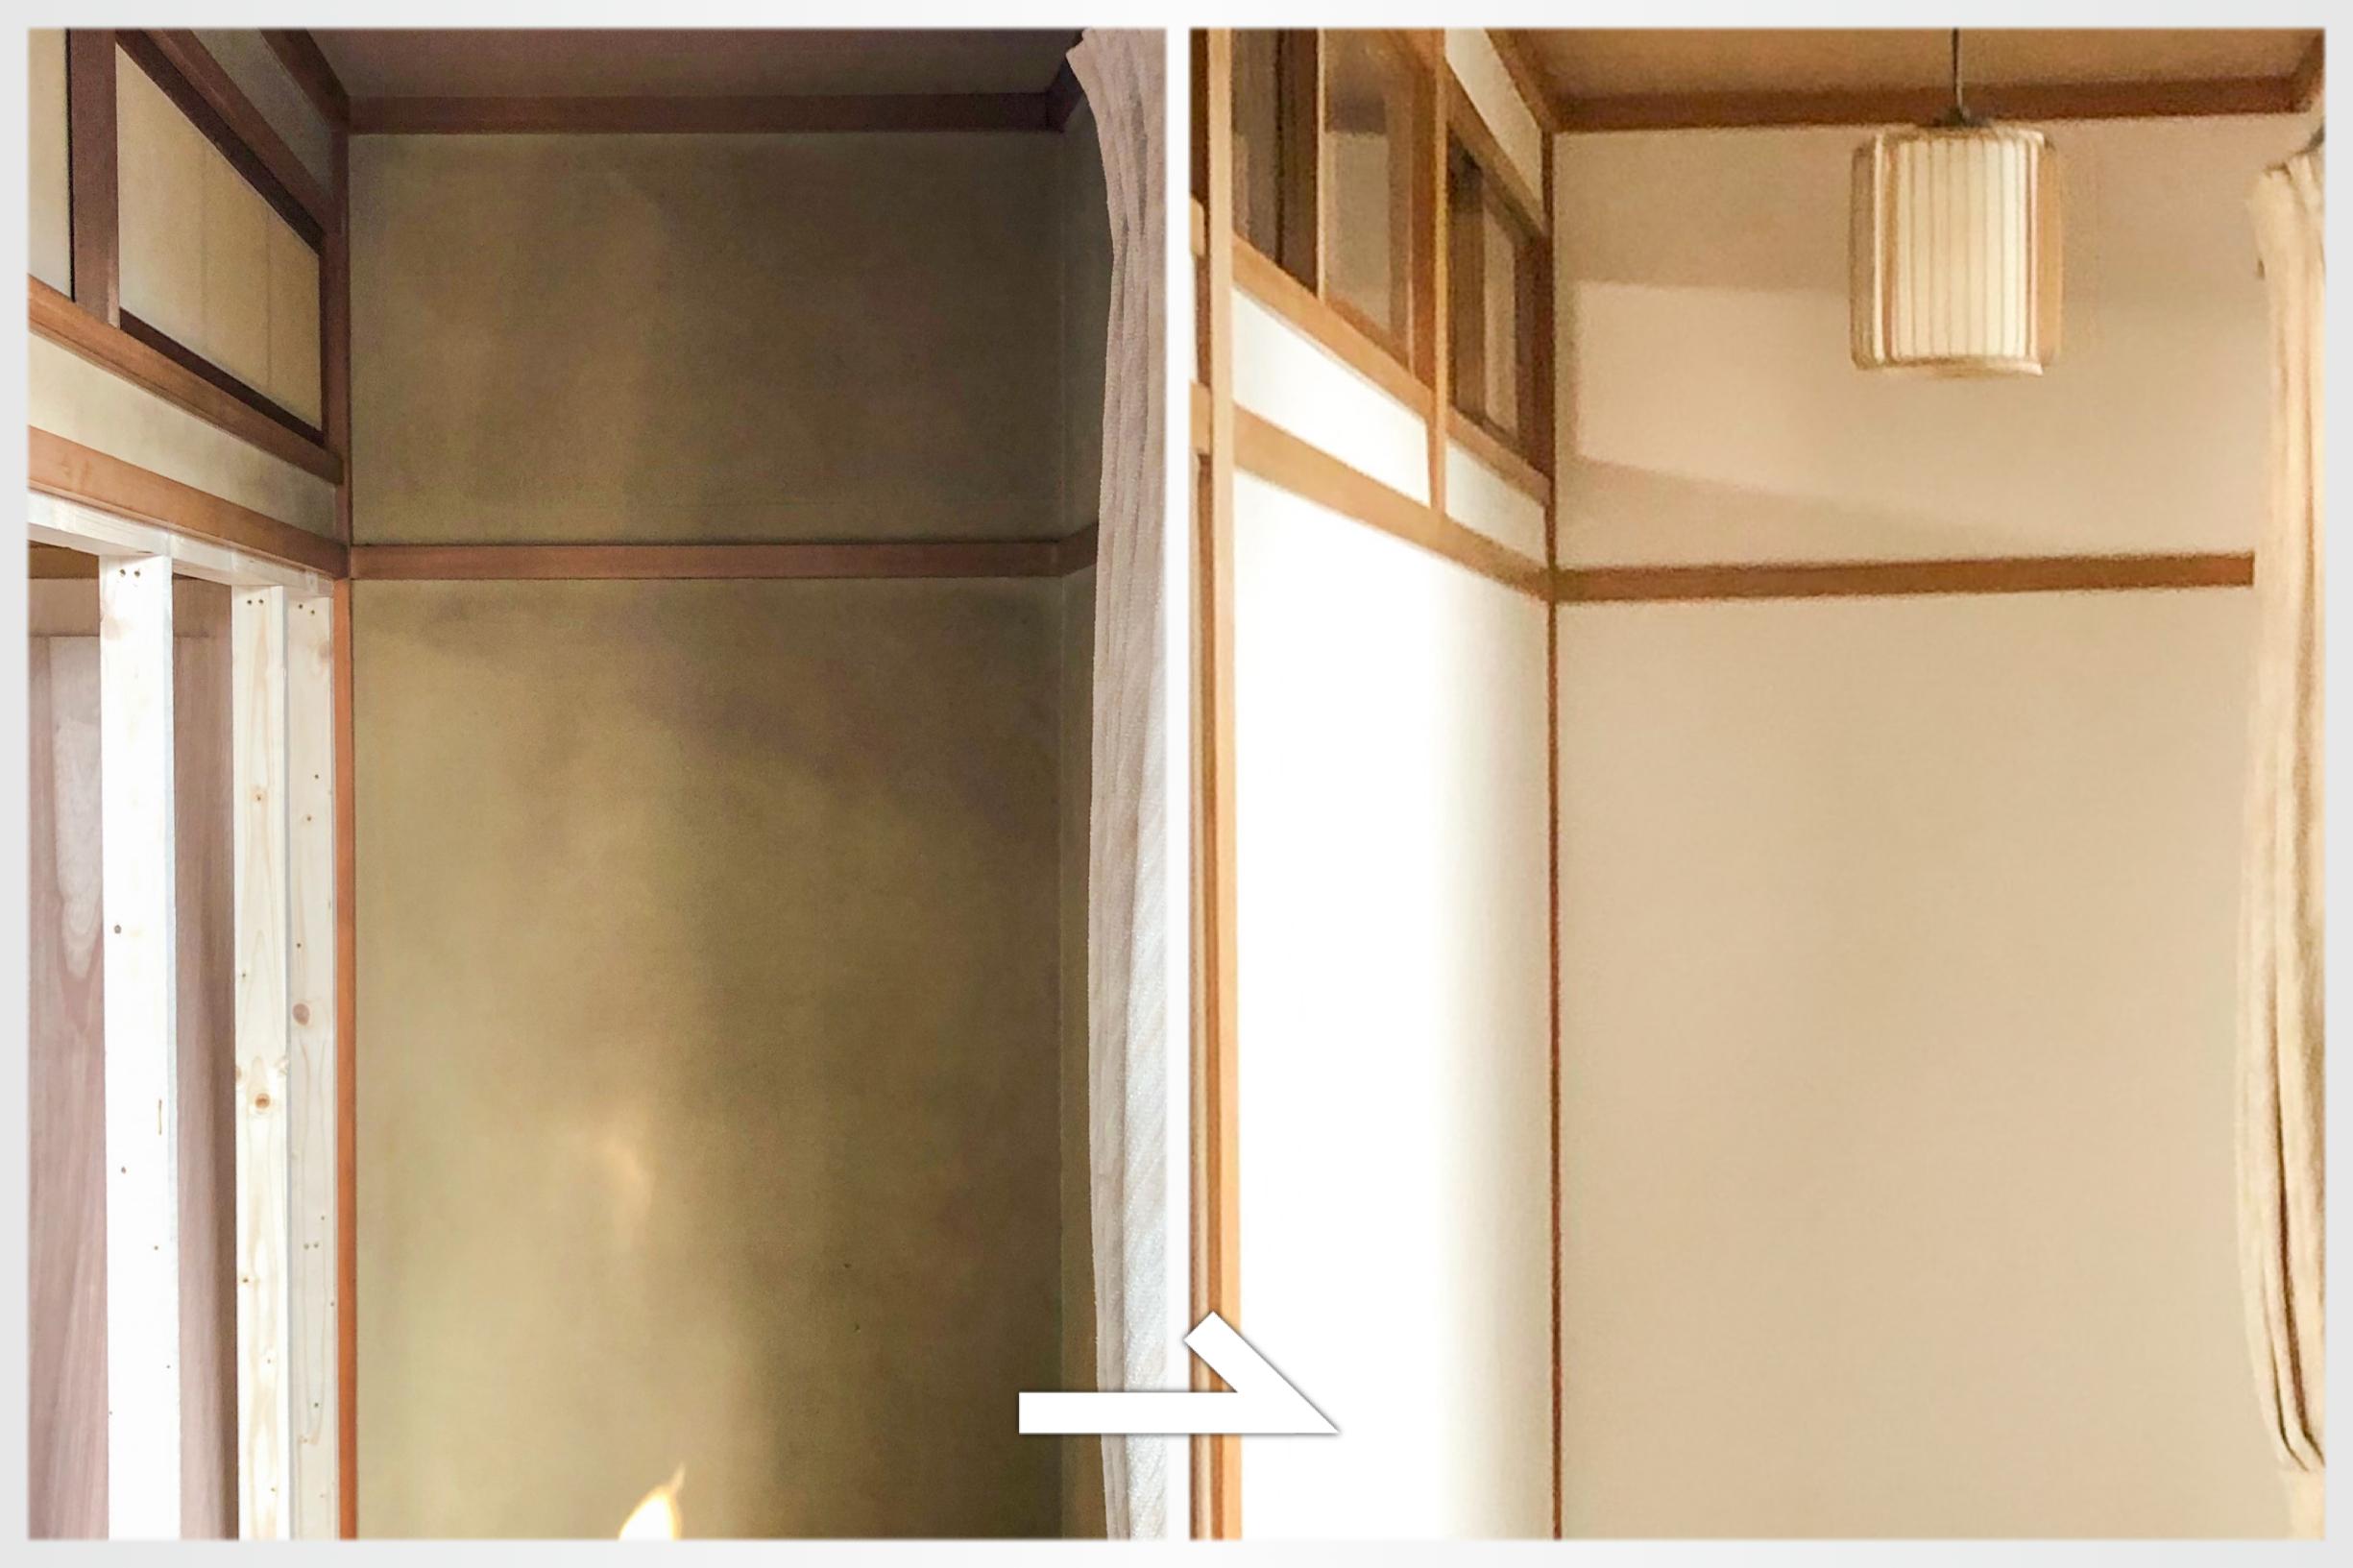 二間続きの和室をオフィスに/土壁をクロス貼りの壁へリフォーム(尼崎)